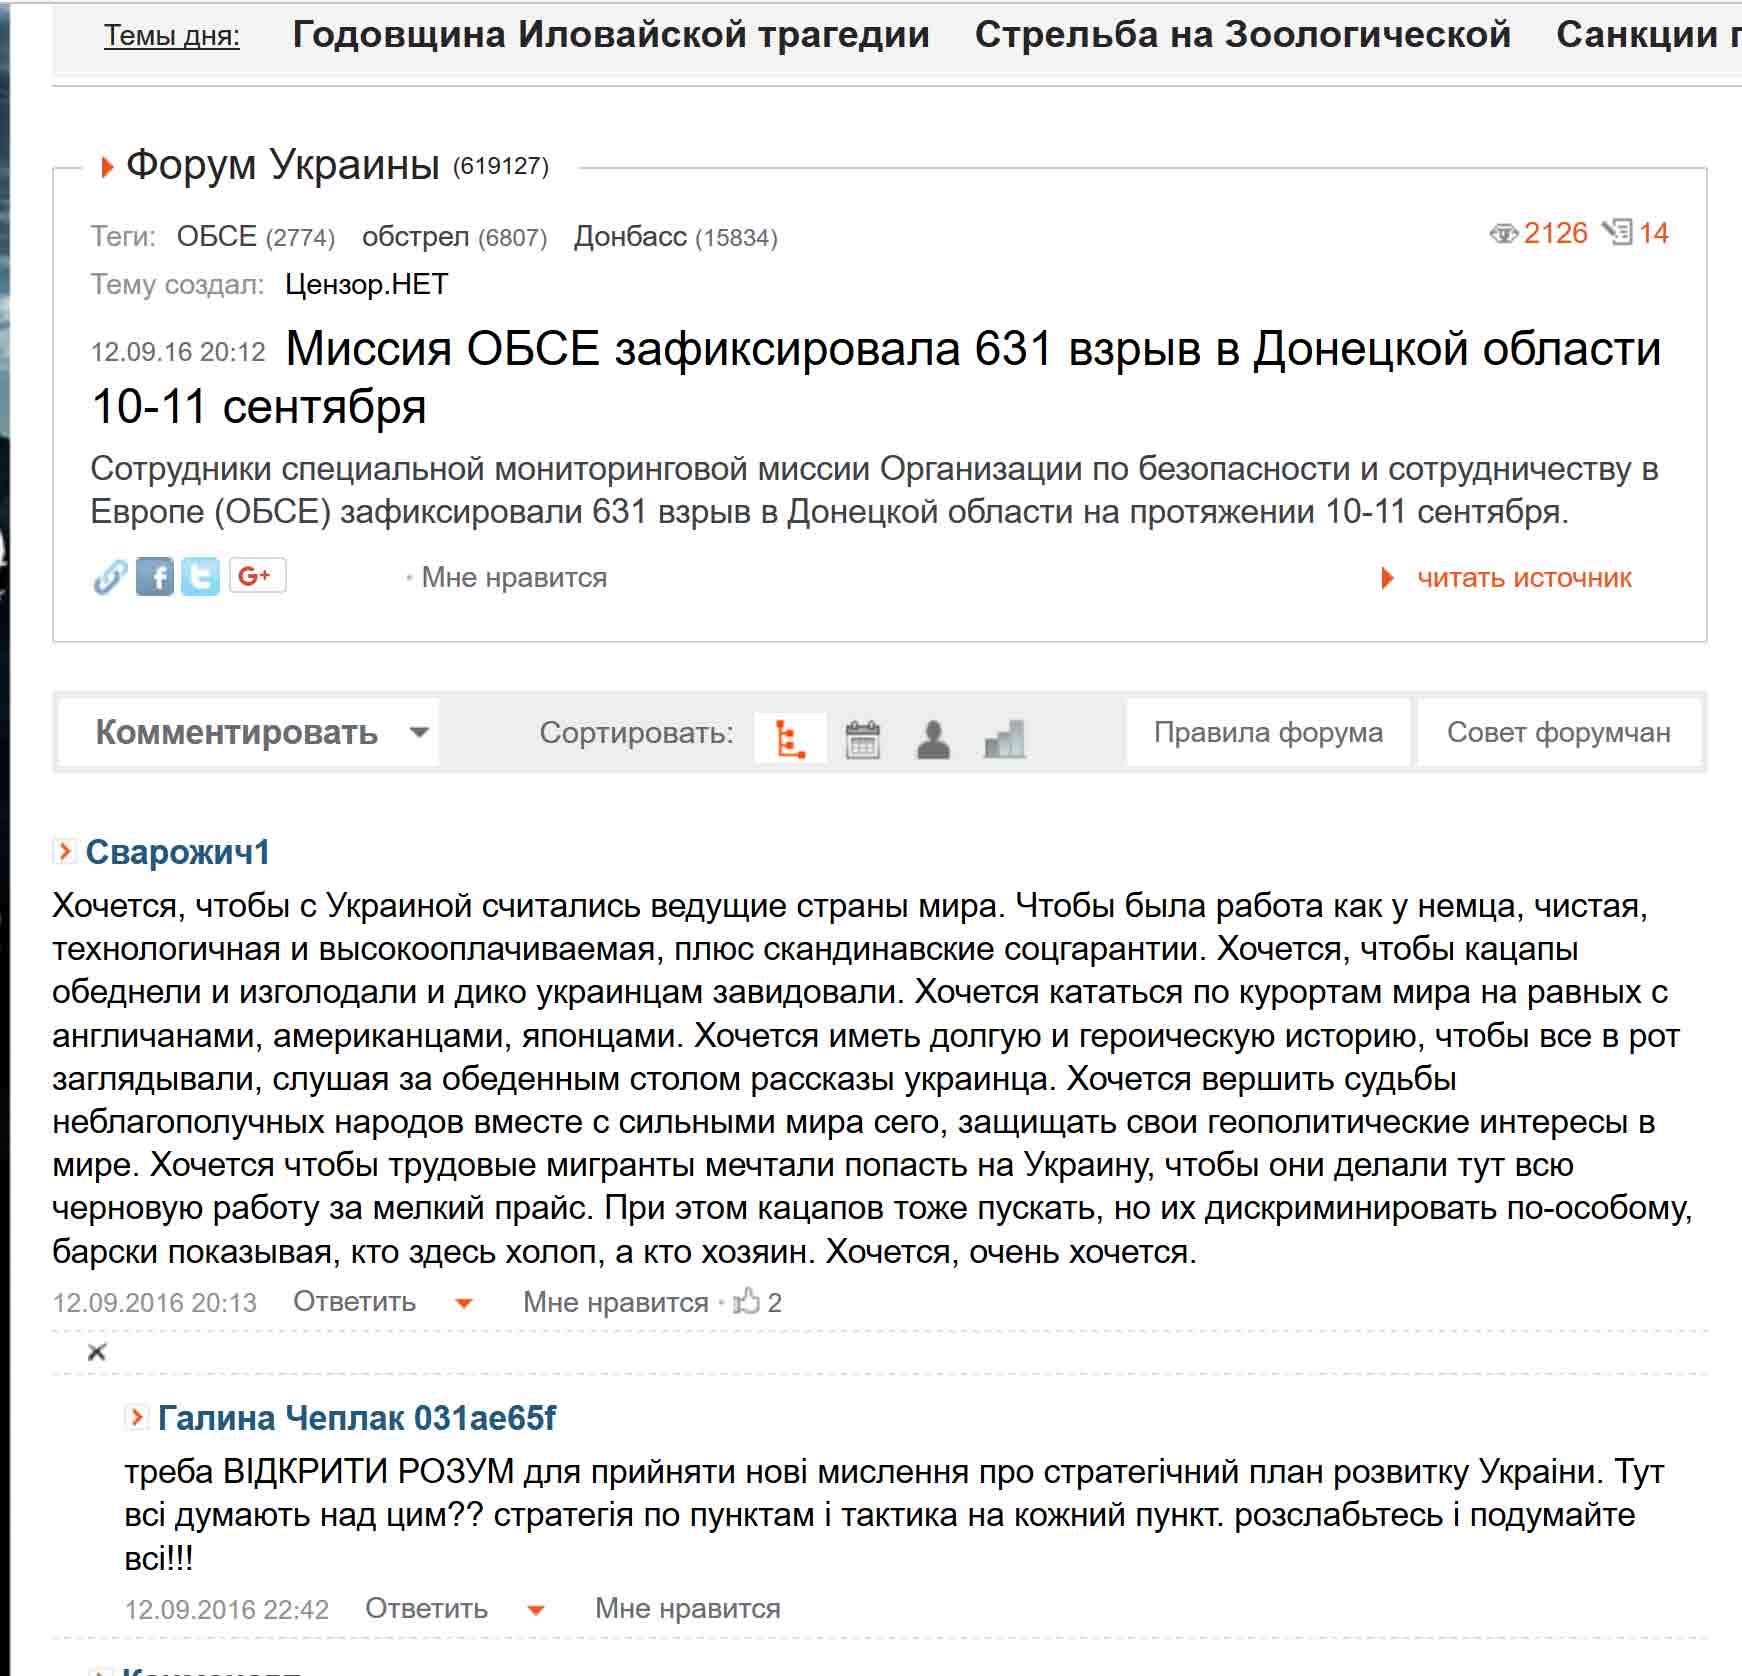 http://s2.uploads.ru/h7i1a.jpg